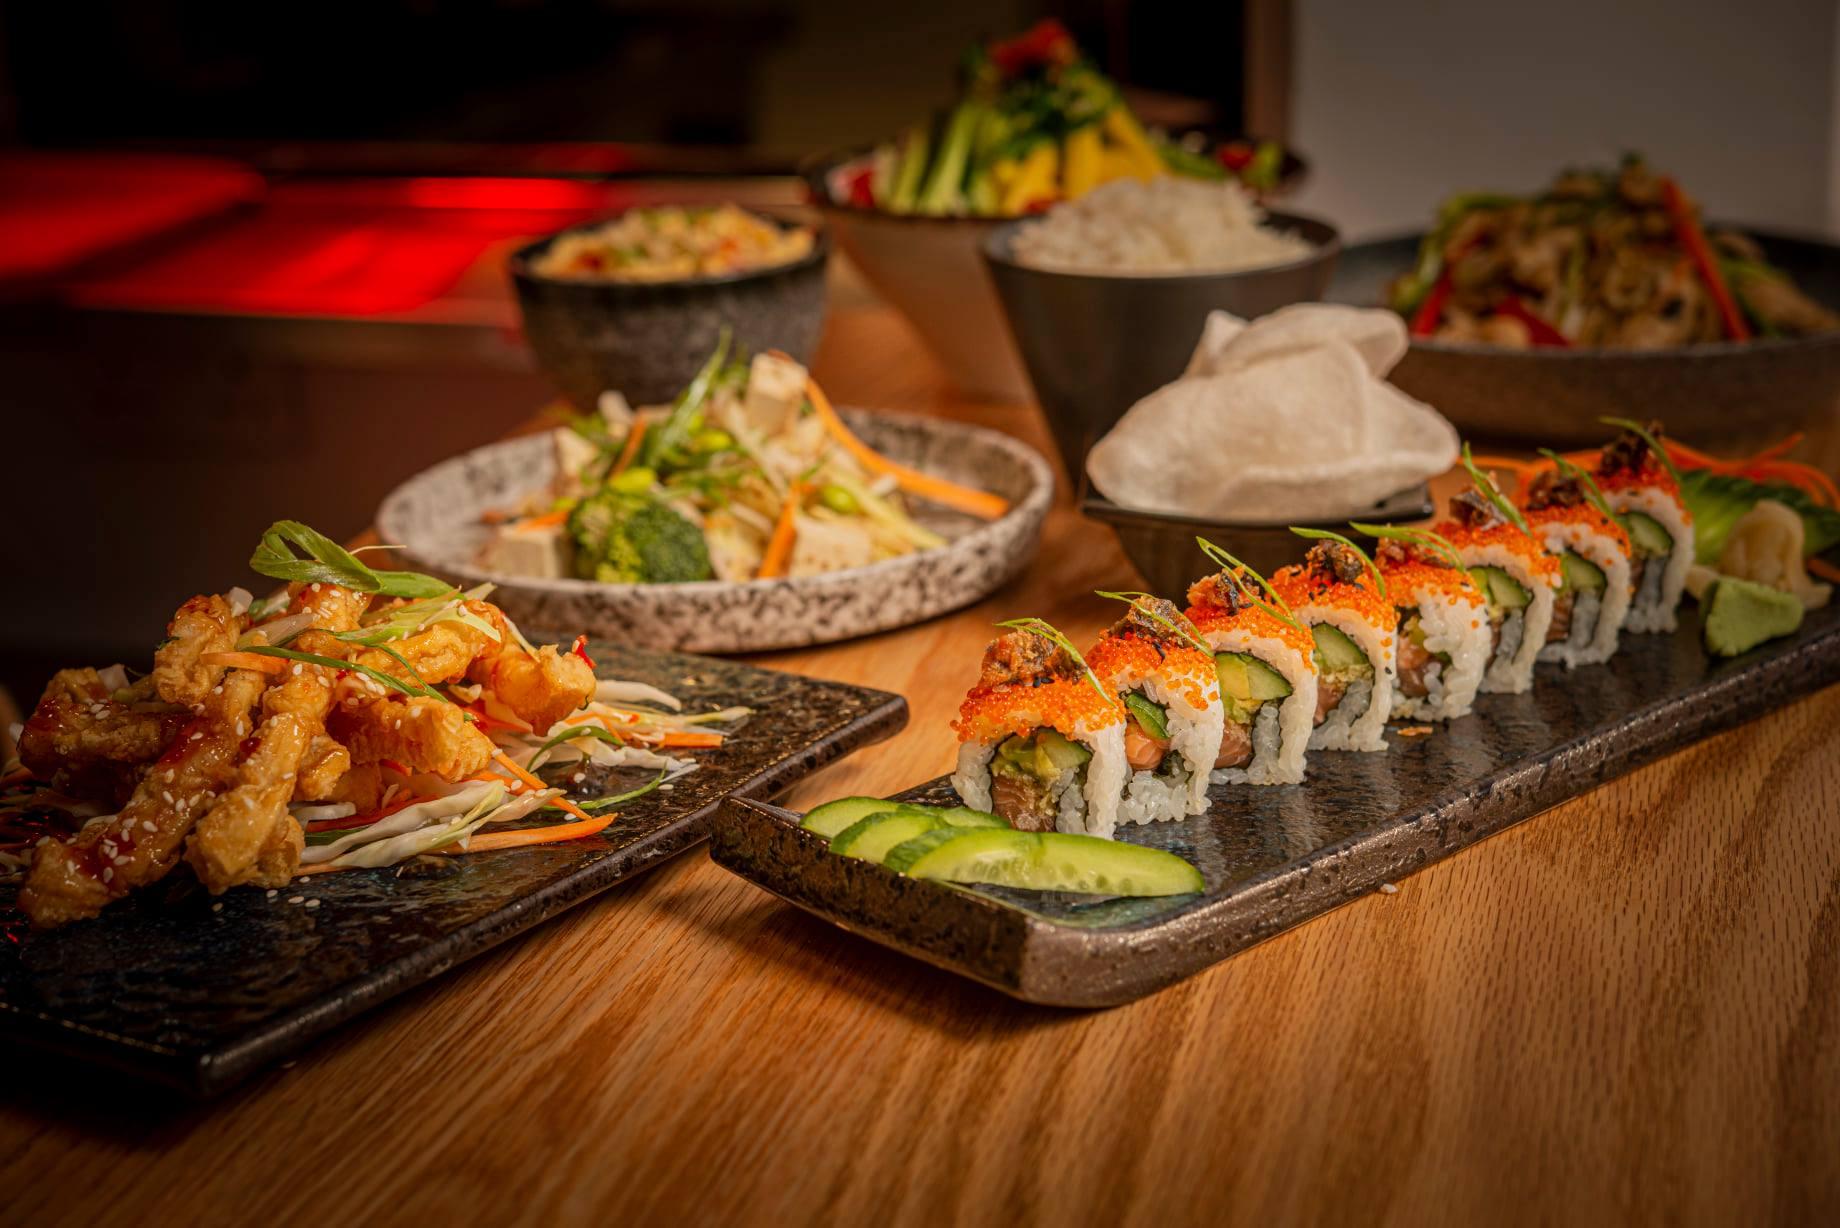 Σε αυτά τα 4 εστιατόρια μπορείς να βρεις νόστιμα sushi